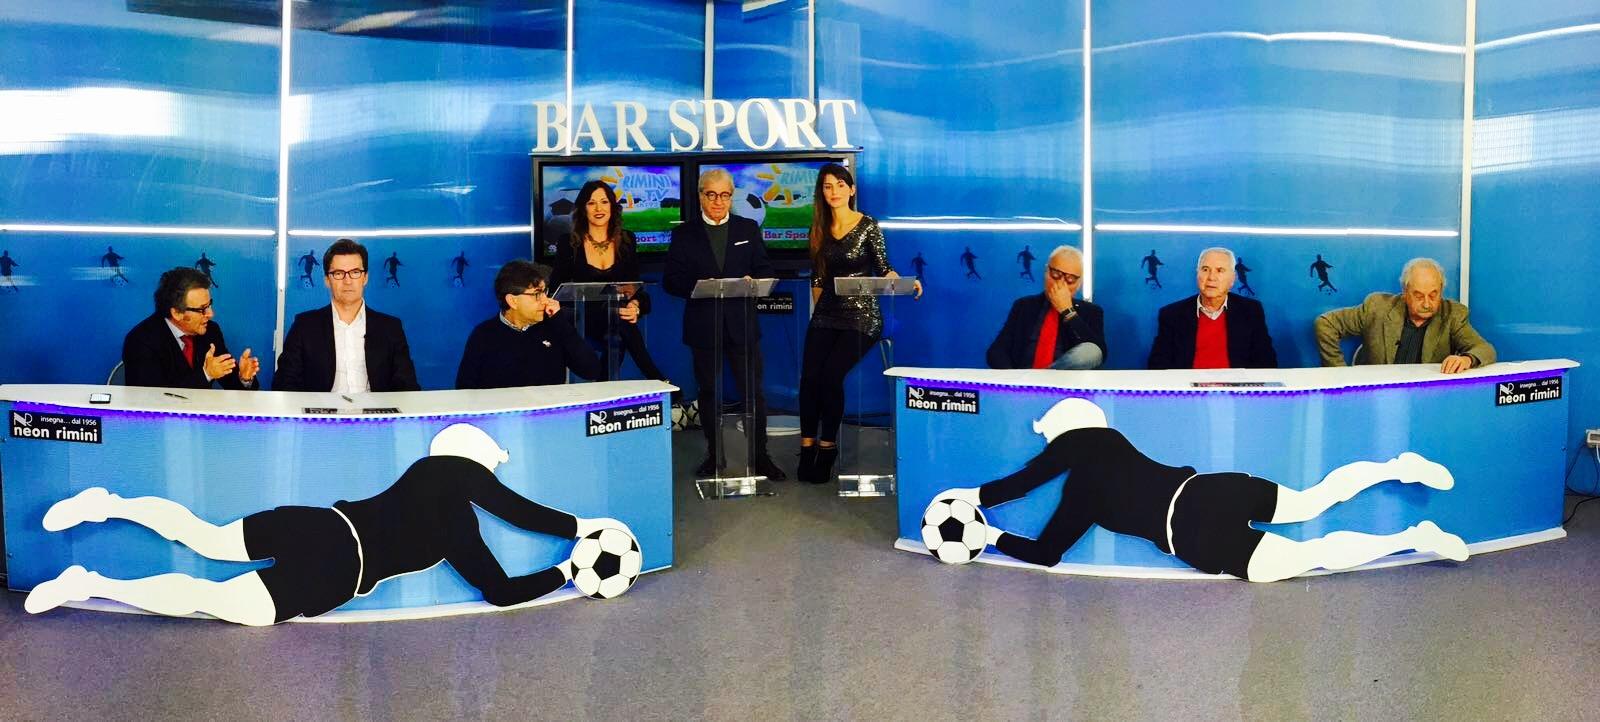 """Questa sera ore 20.30 su Rimini Tv - Teleromagna-sport, canale 192, """"Bar Sport"""". In studio il centrocampista del Rimini:Giacomo Gasparotto."""